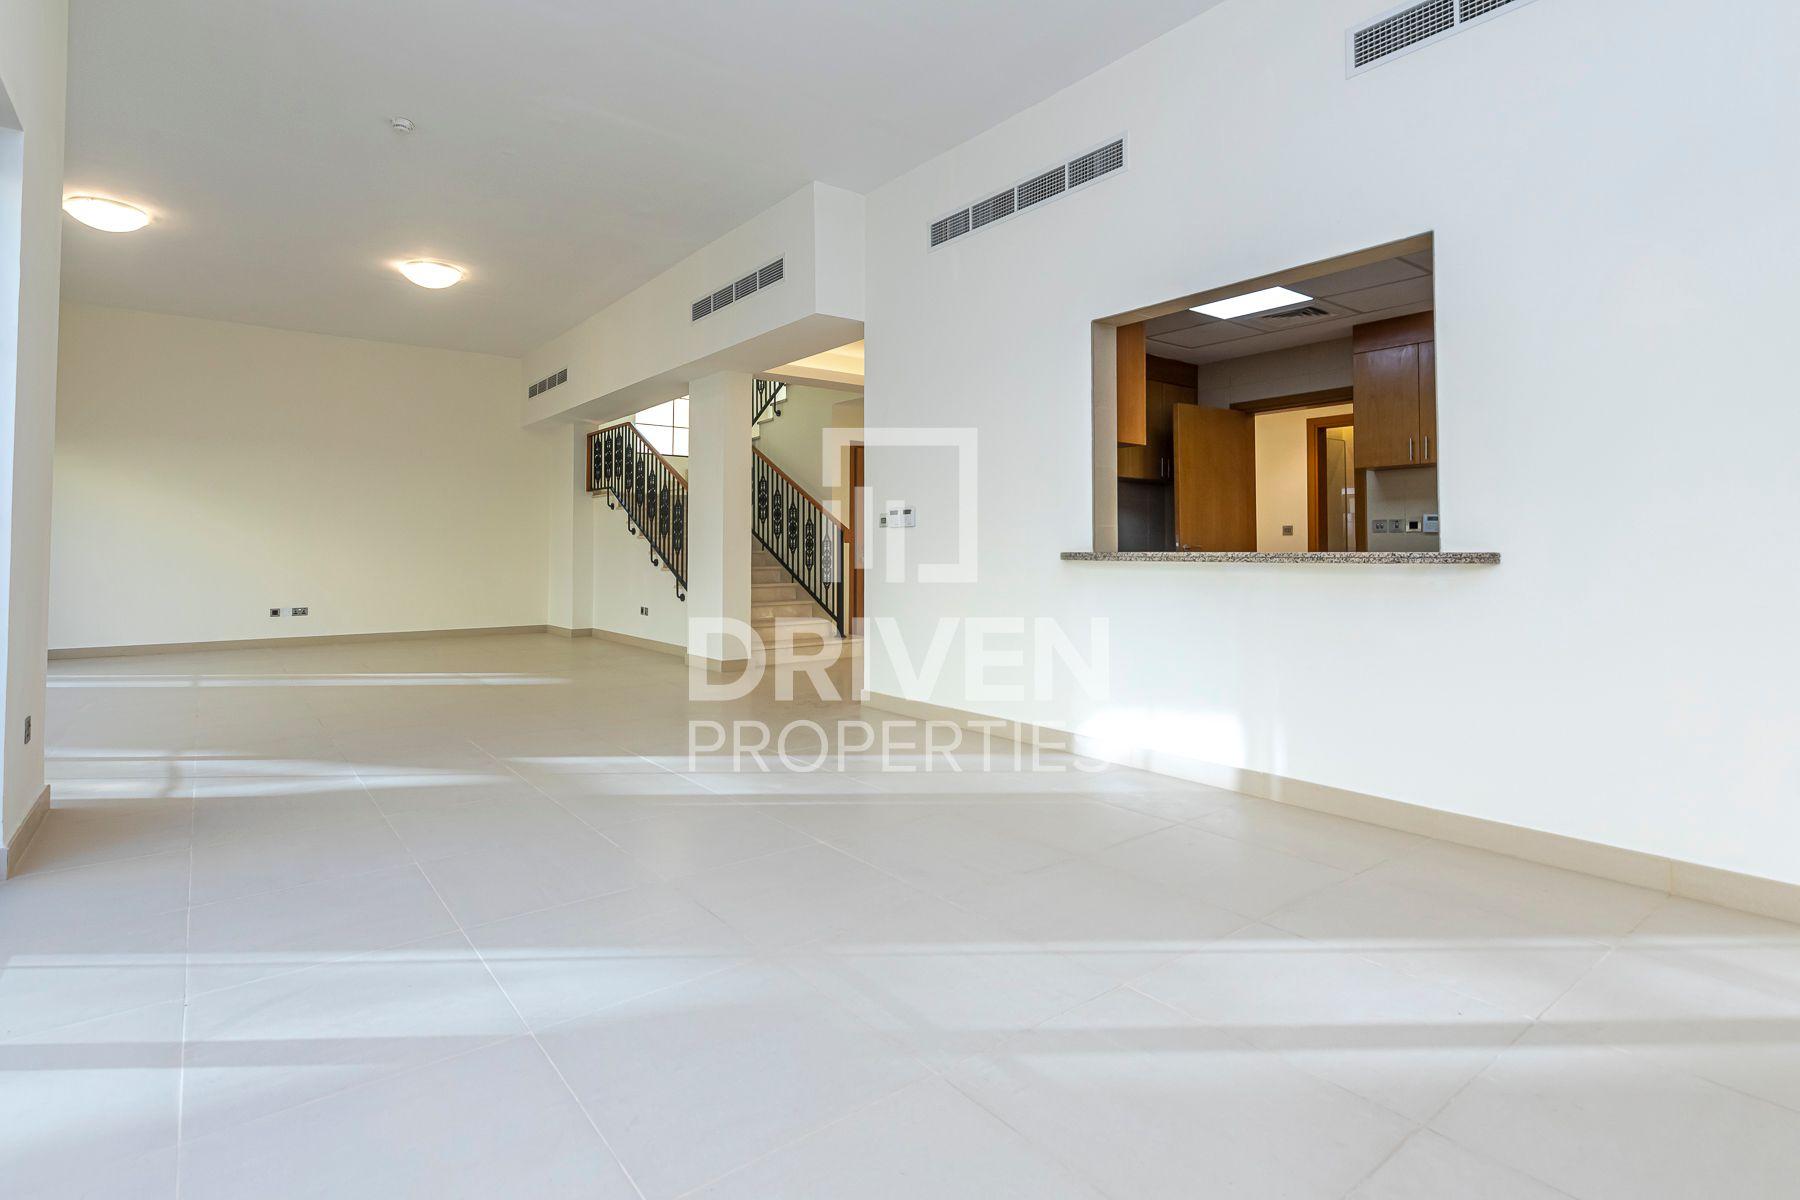 Brand New Standalone Villa | Near to Exit